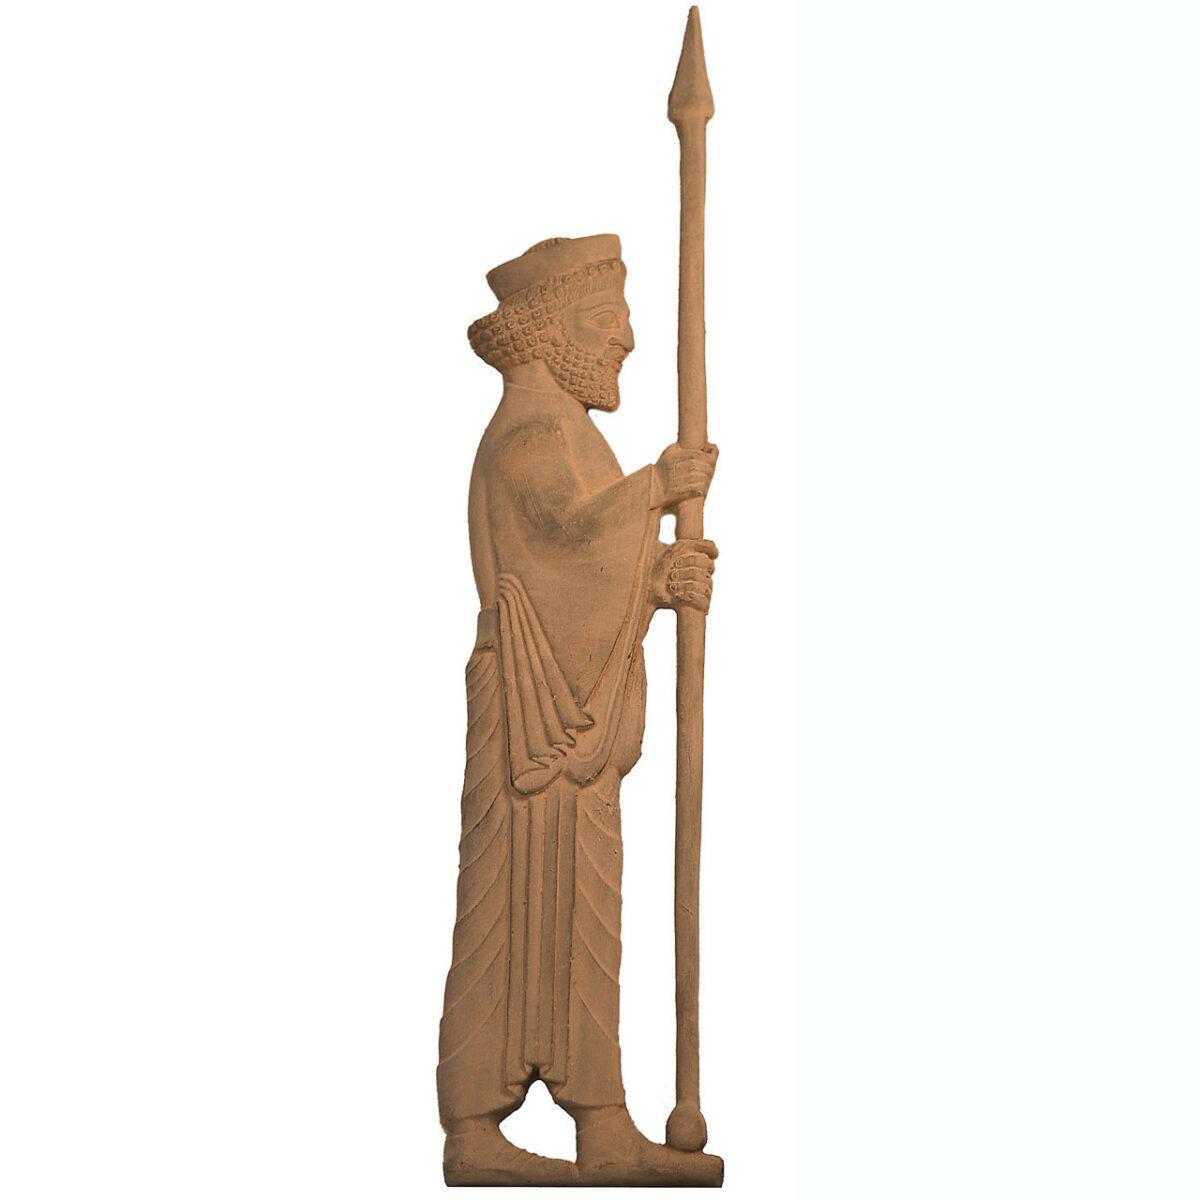 مجسمه تندیس و پیکره شهریار مدل سرباز هخامنشی کنسول کد MO1520